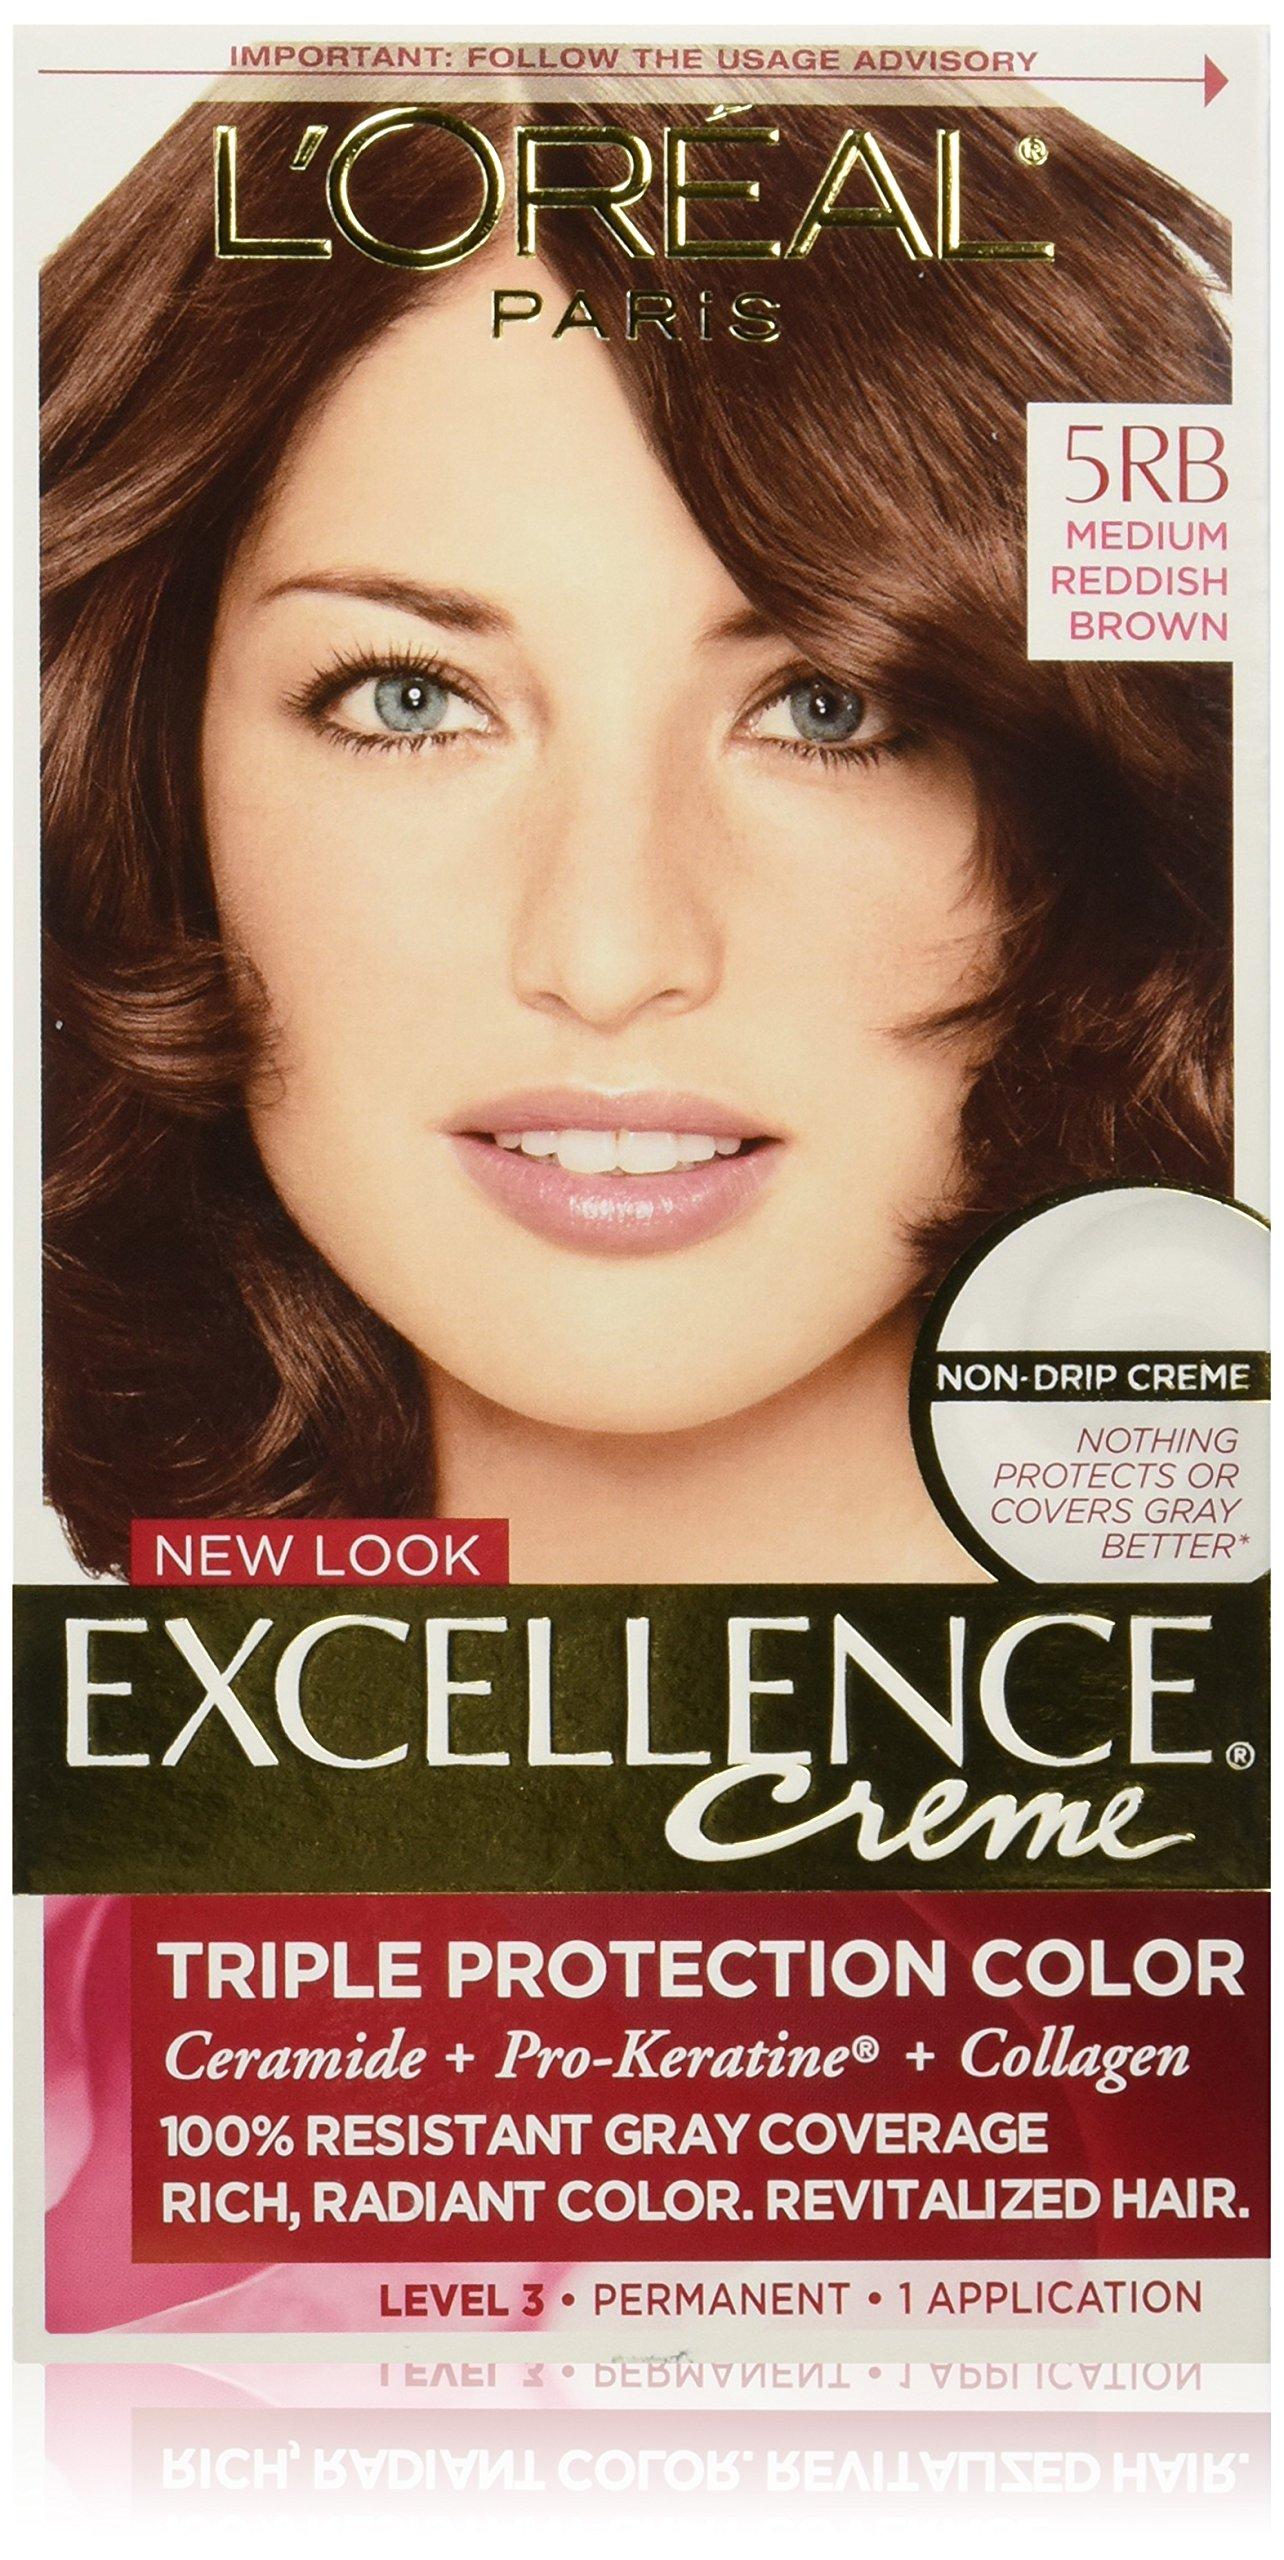 Amazon.com : L'Oreal Paris Couleur Experte Express Hair ...